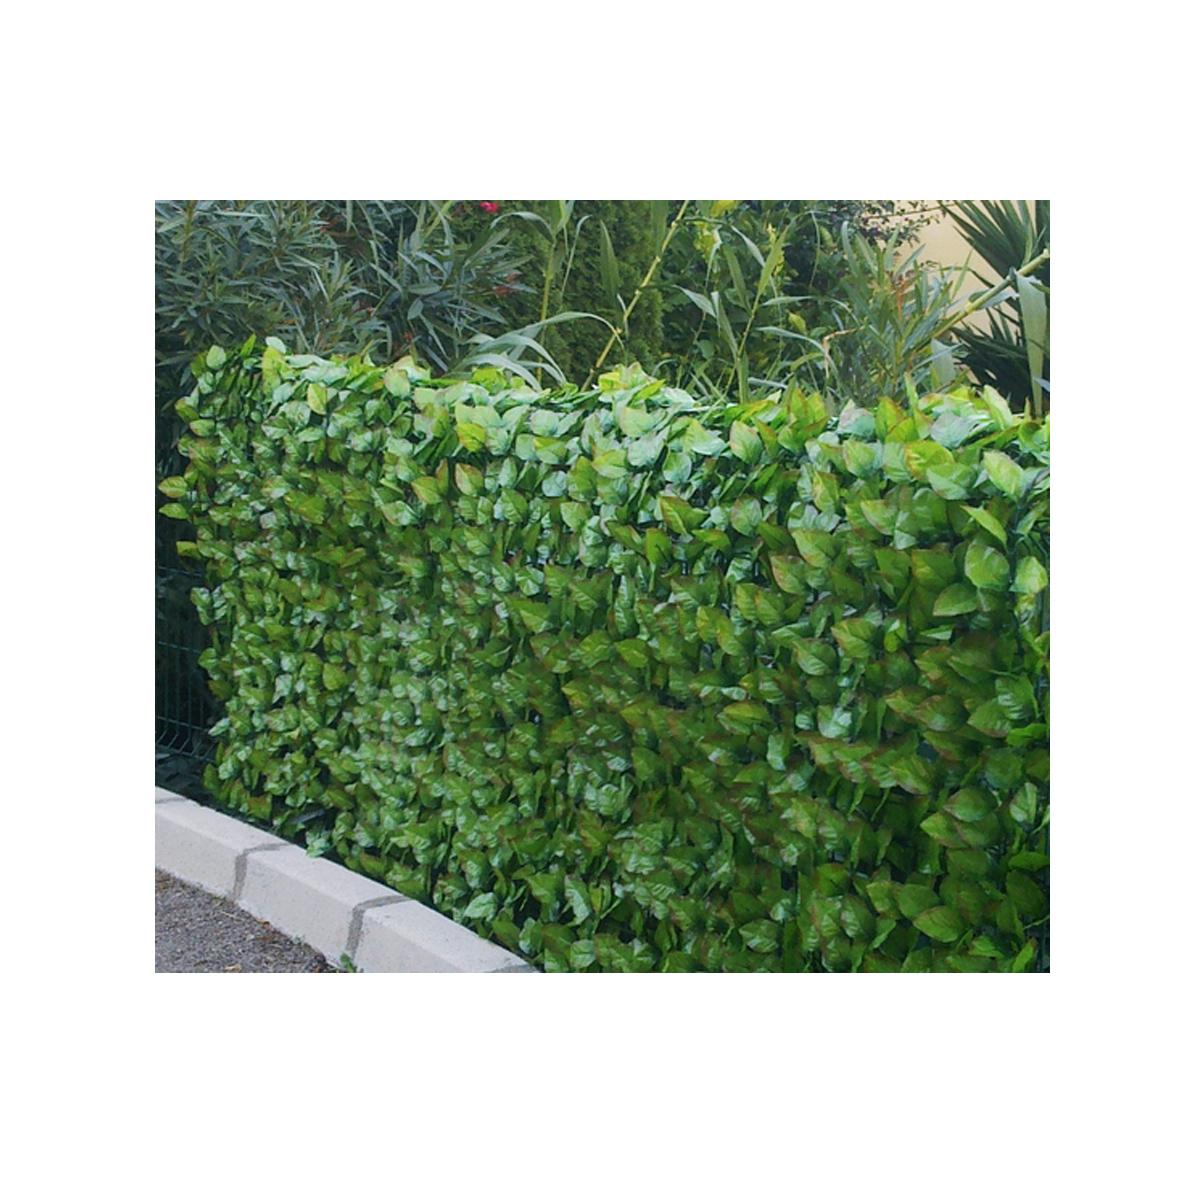 Haie végétale artificielle aspect feuilles de rosier JET7GARDEN - Vert - 1 m x 3 m